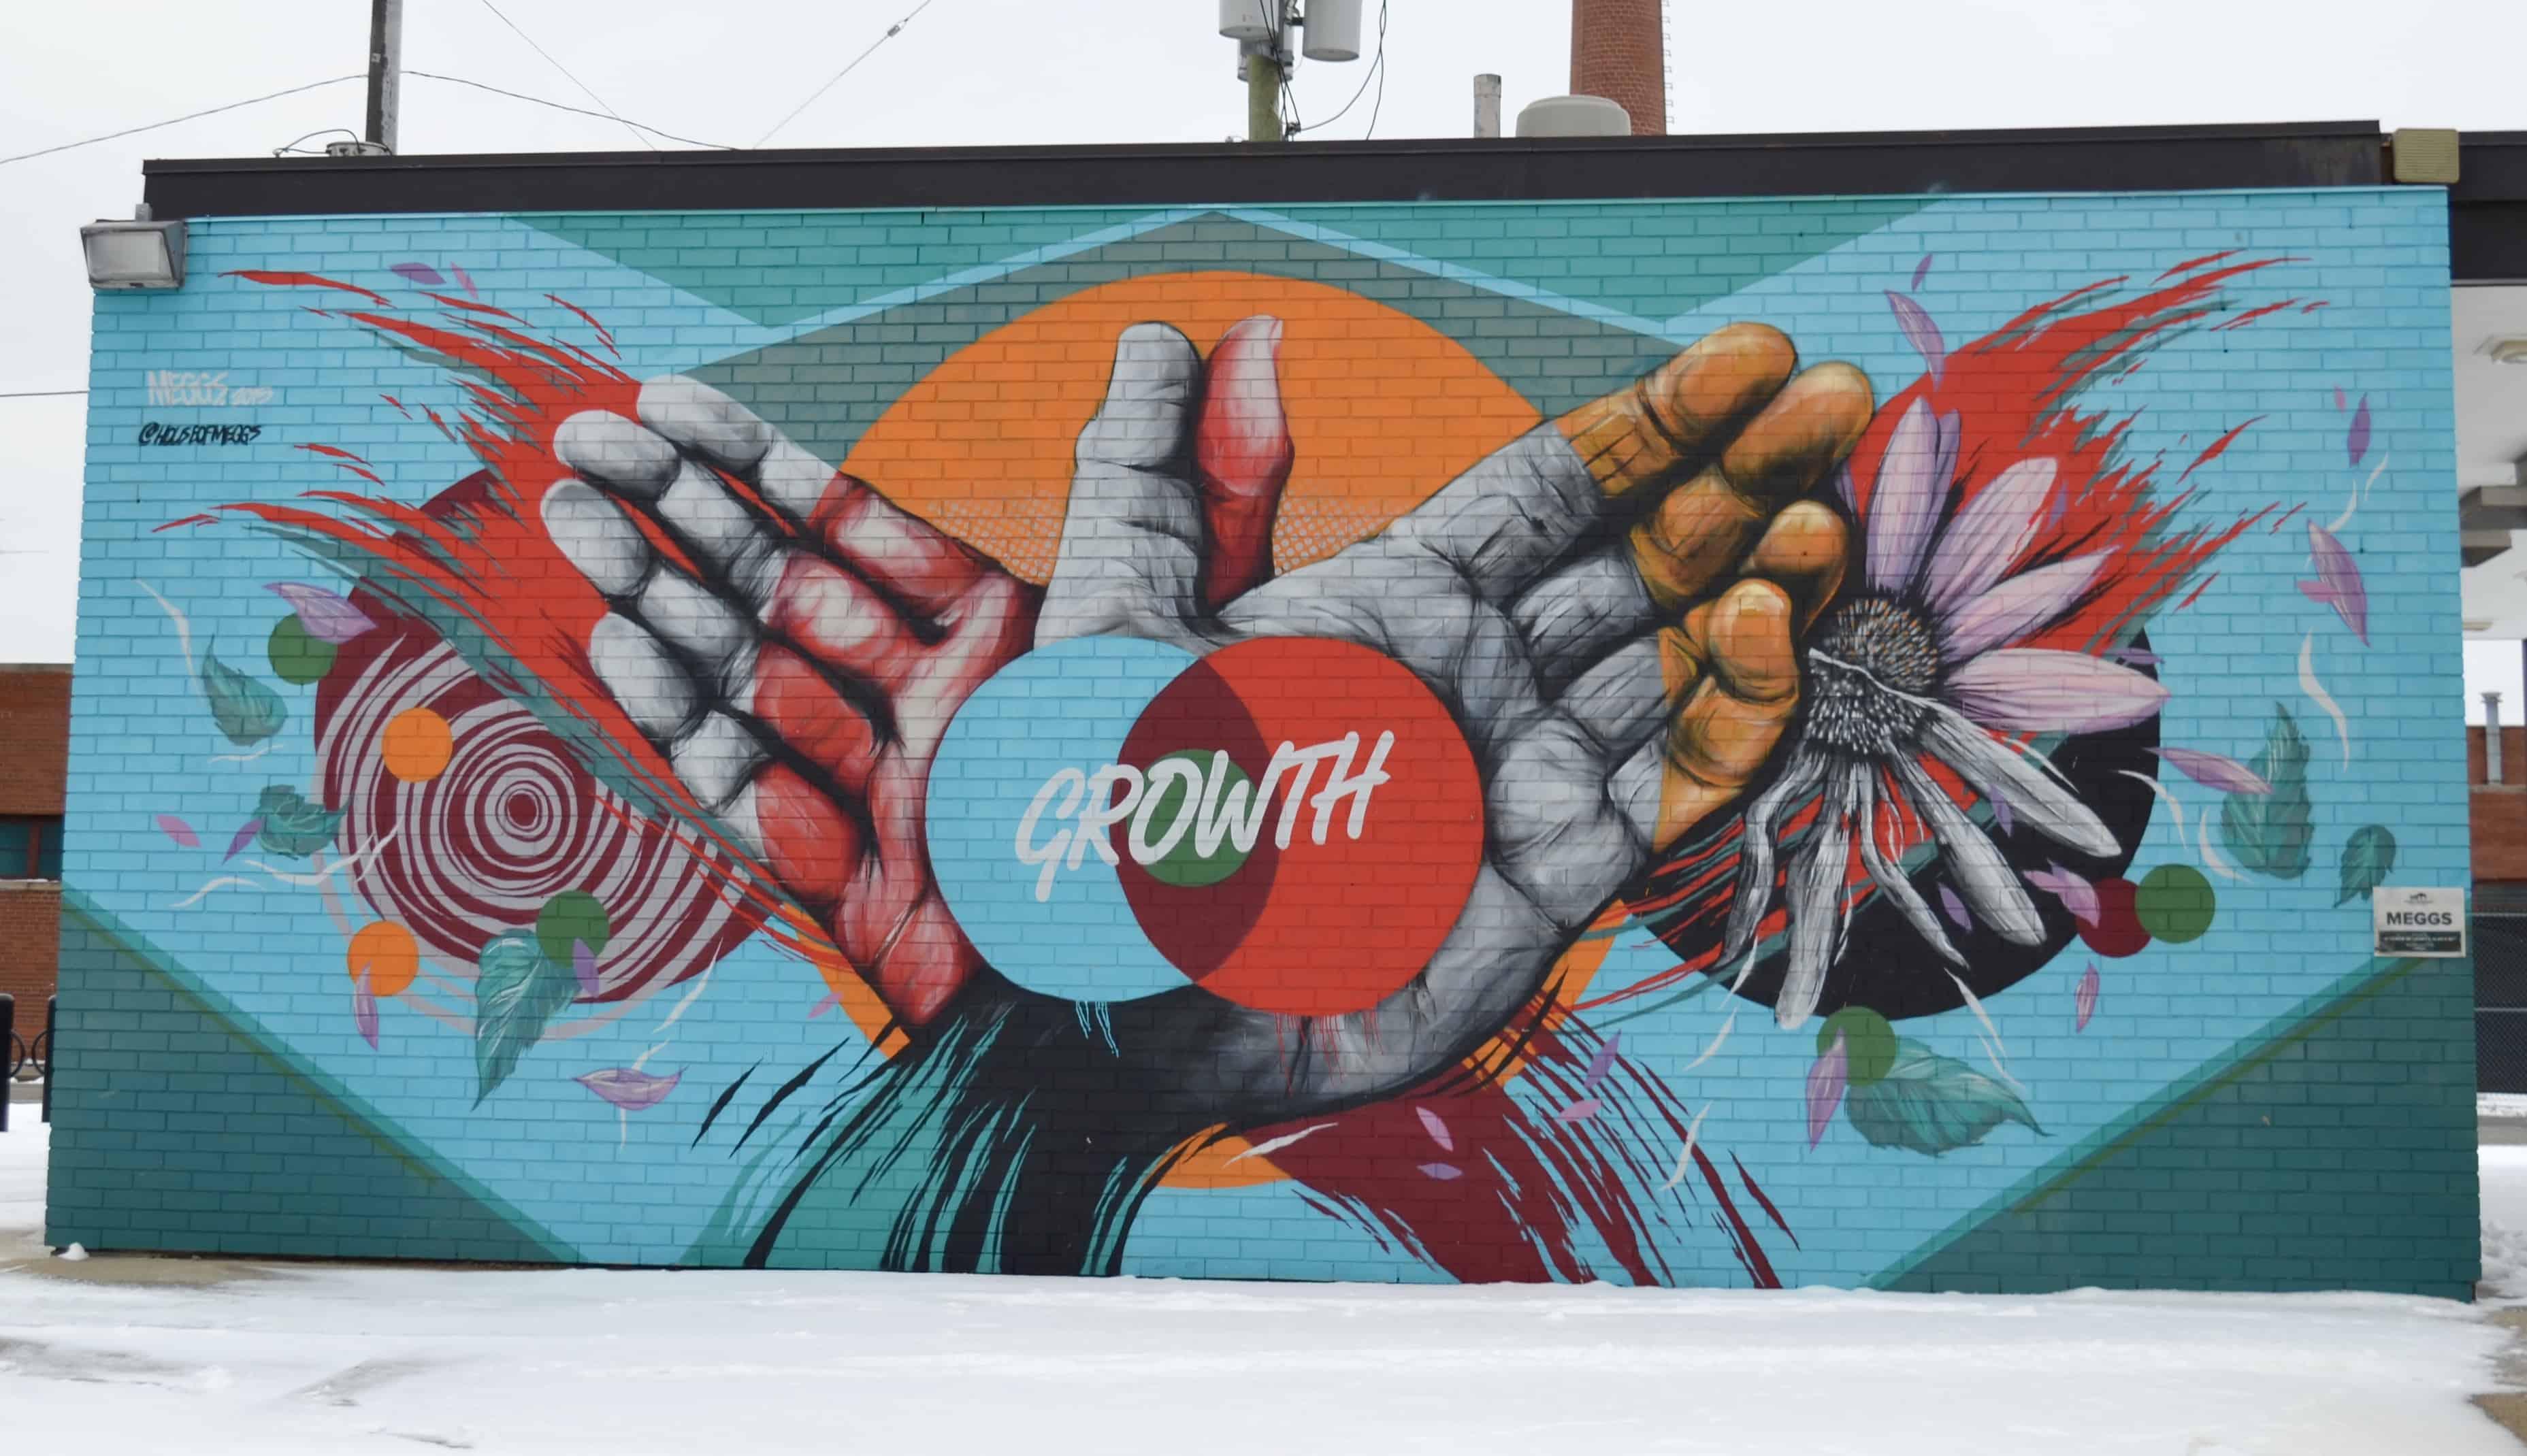 growth hands art mural detroit